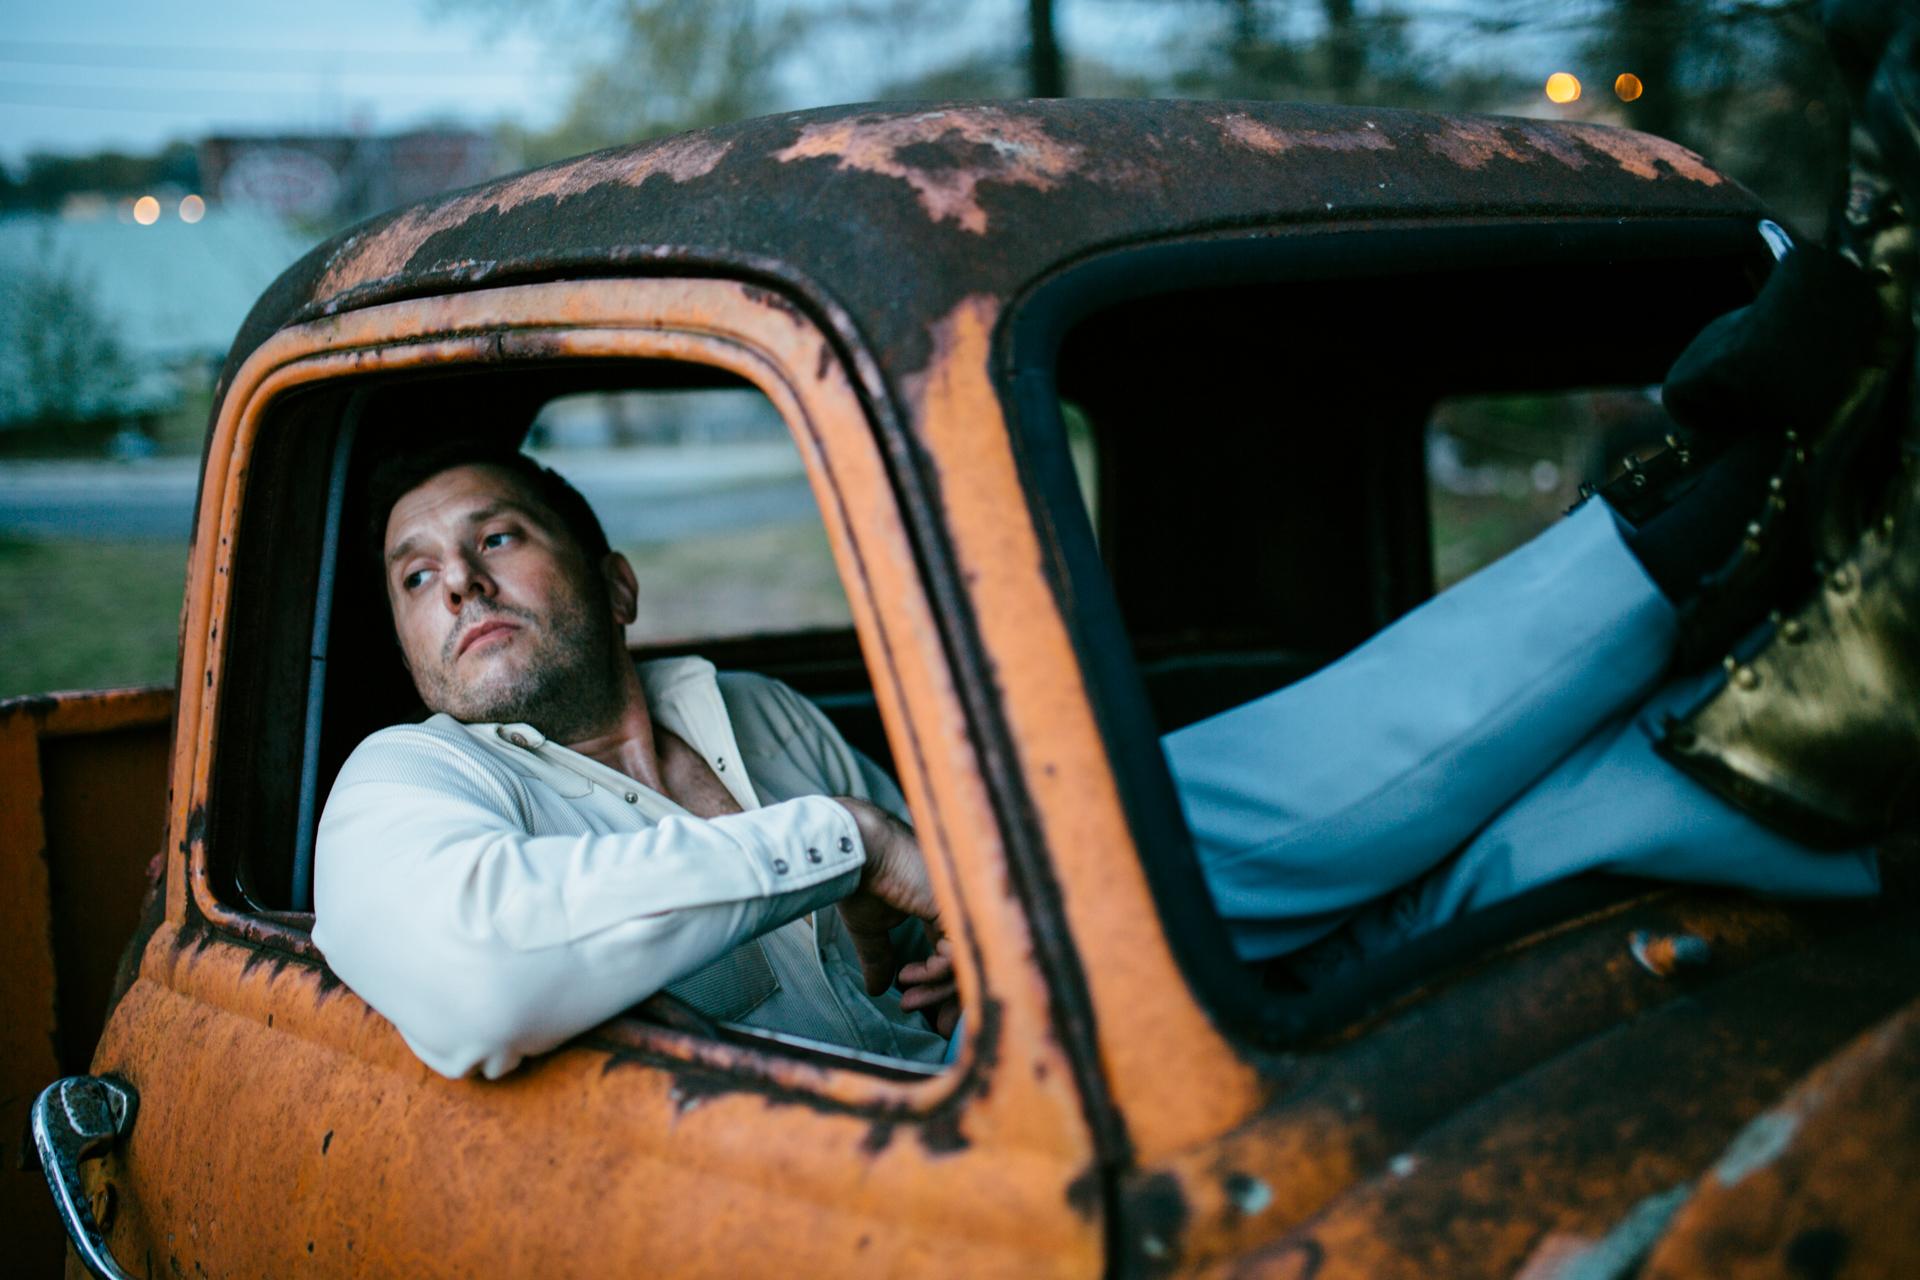 Jason-kutchma-musician-photography-68.jpg